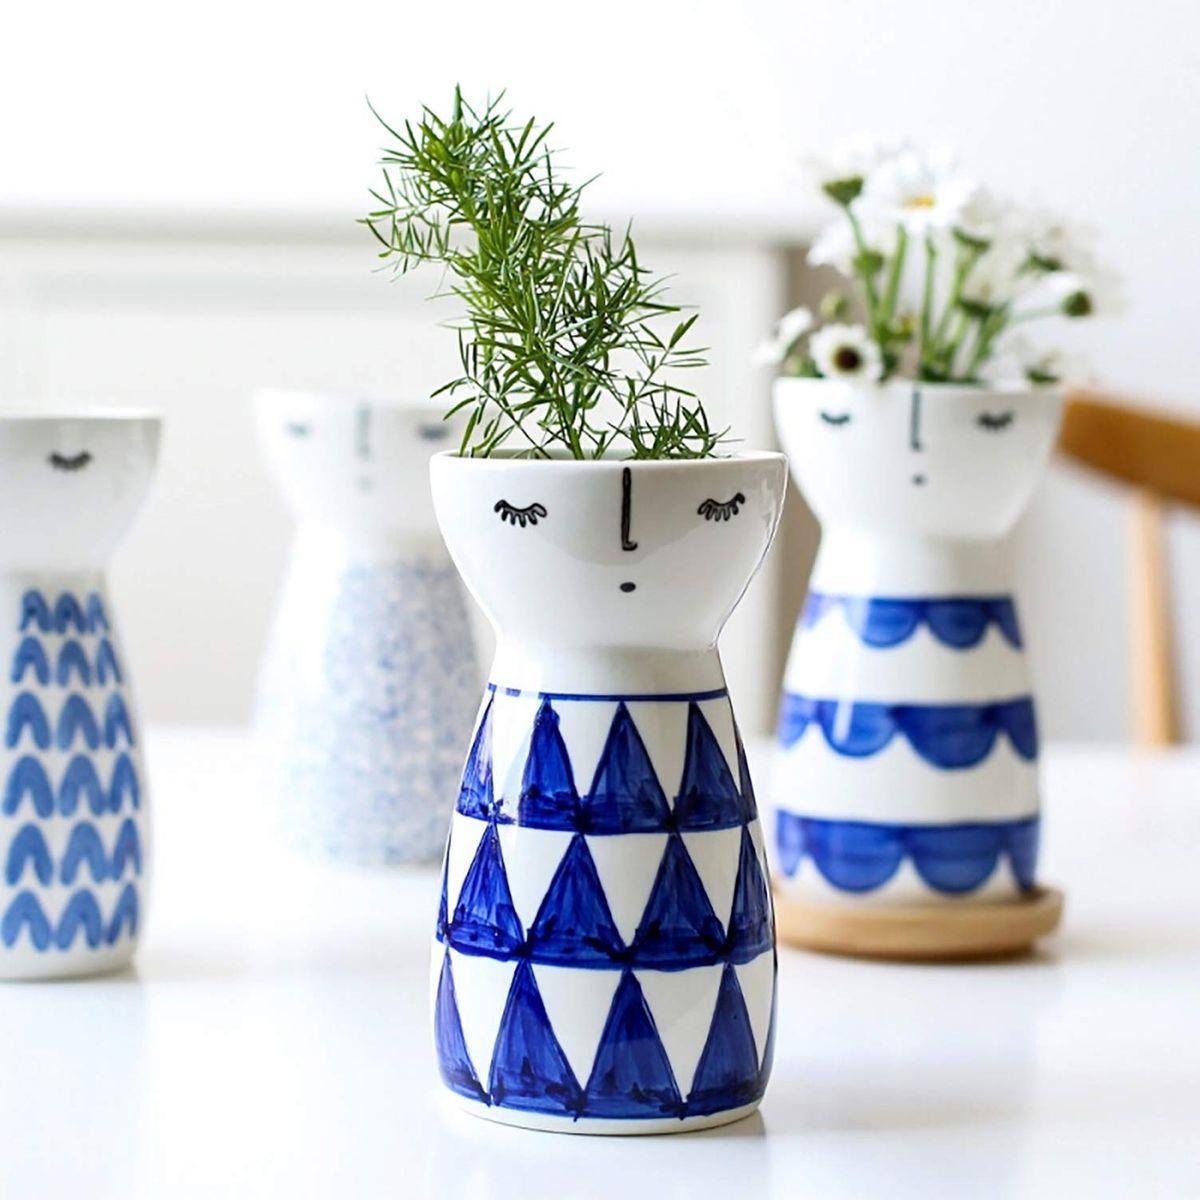 Geometric Small Flower Vases for Home D/écor 5.9 X 3.2 X 3.2 Senliart White Ceramic Vase